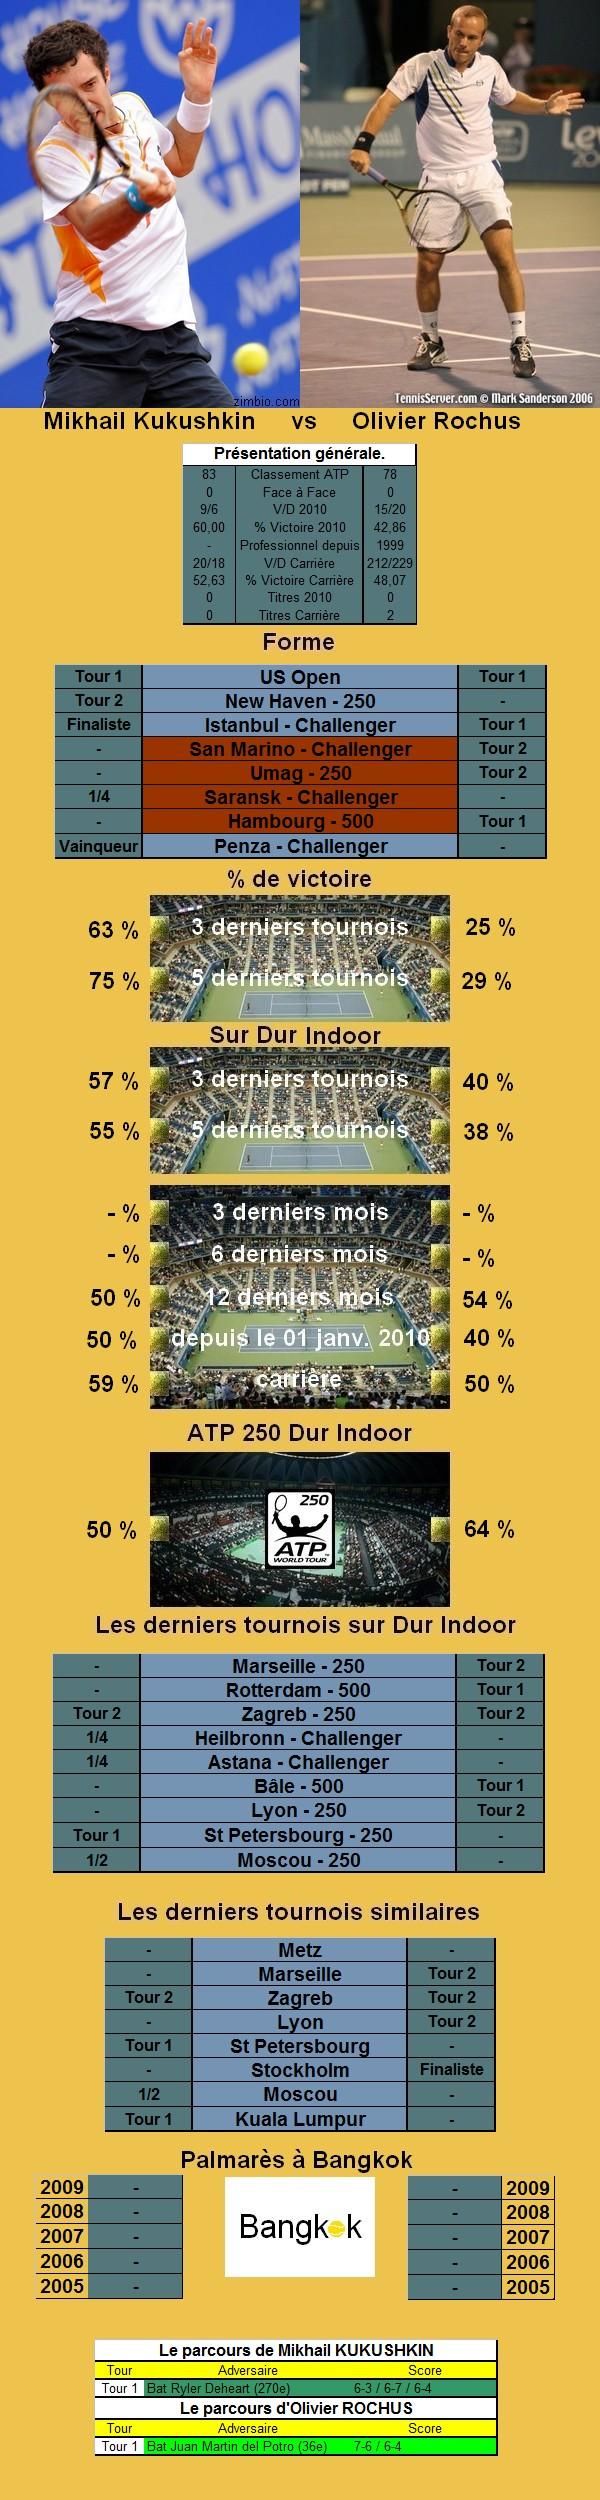 Statistiques tennis de Kukushkin contre Rochus à Bangkok